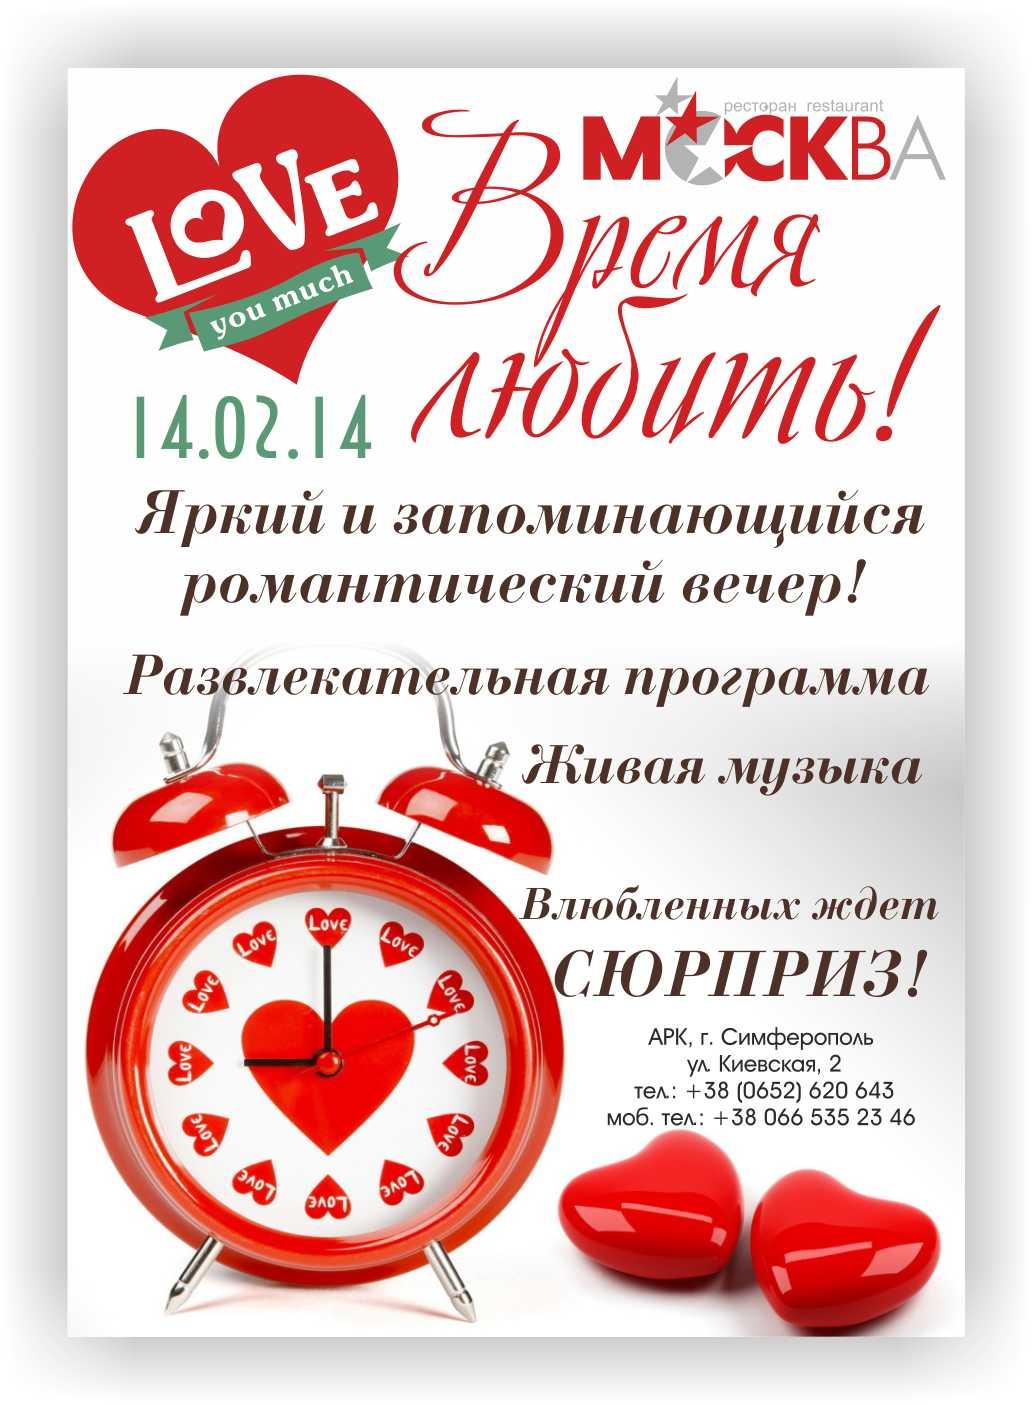 Ресторан «Москва» - День всех Влюбленных